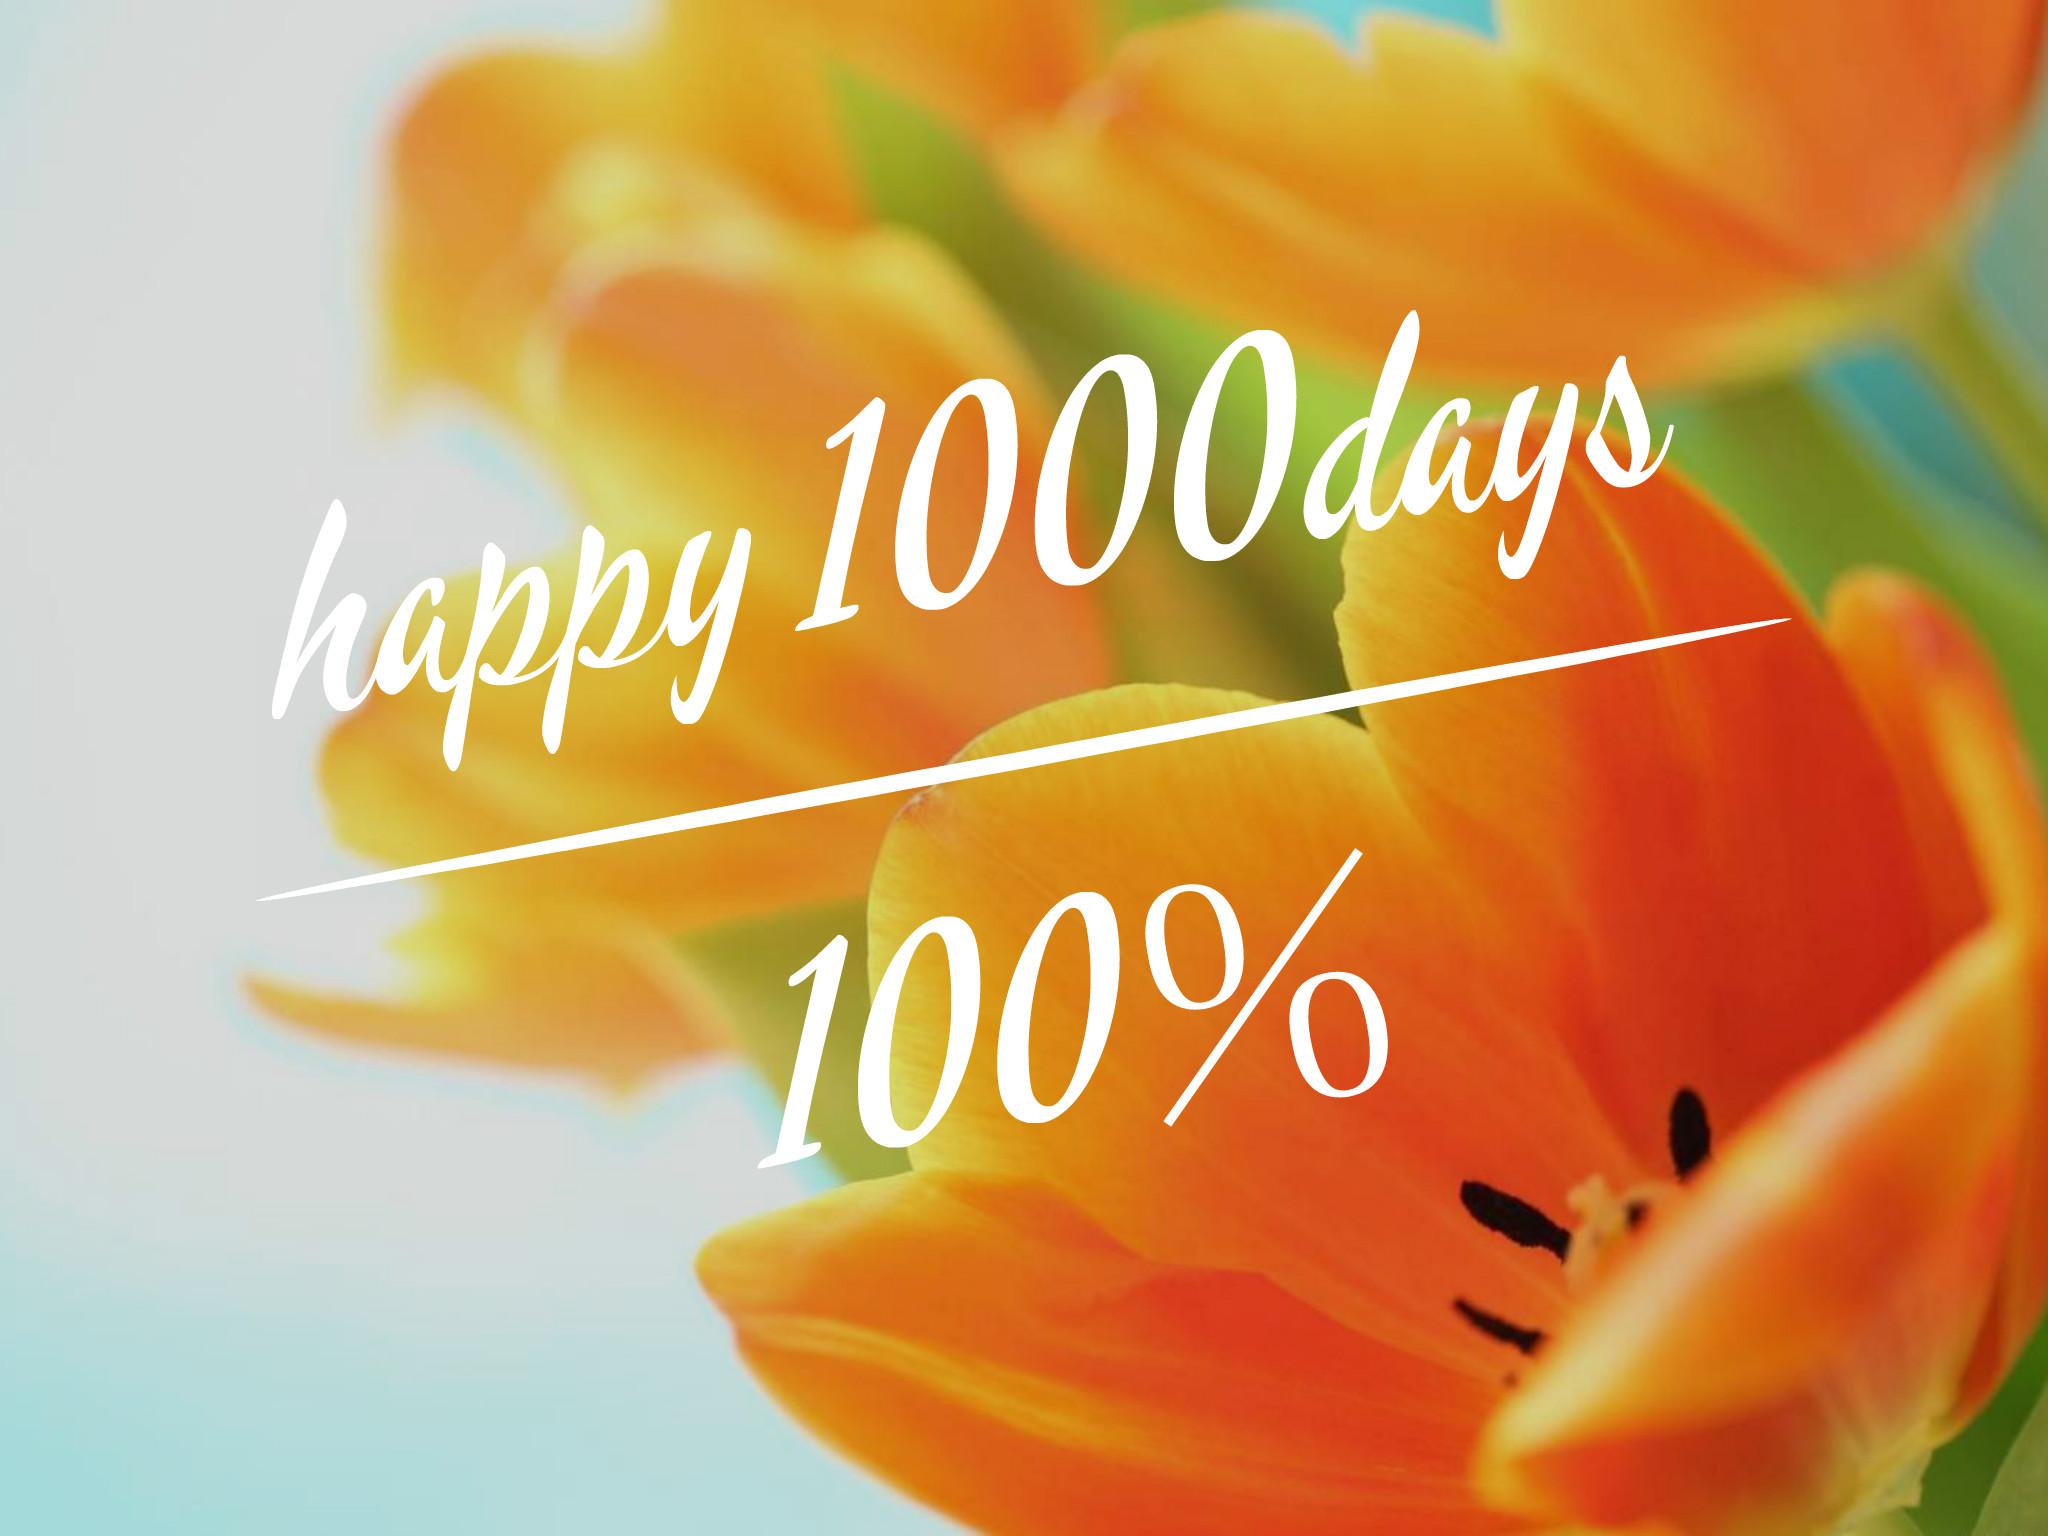 1000days_20150614014328af9.jpg